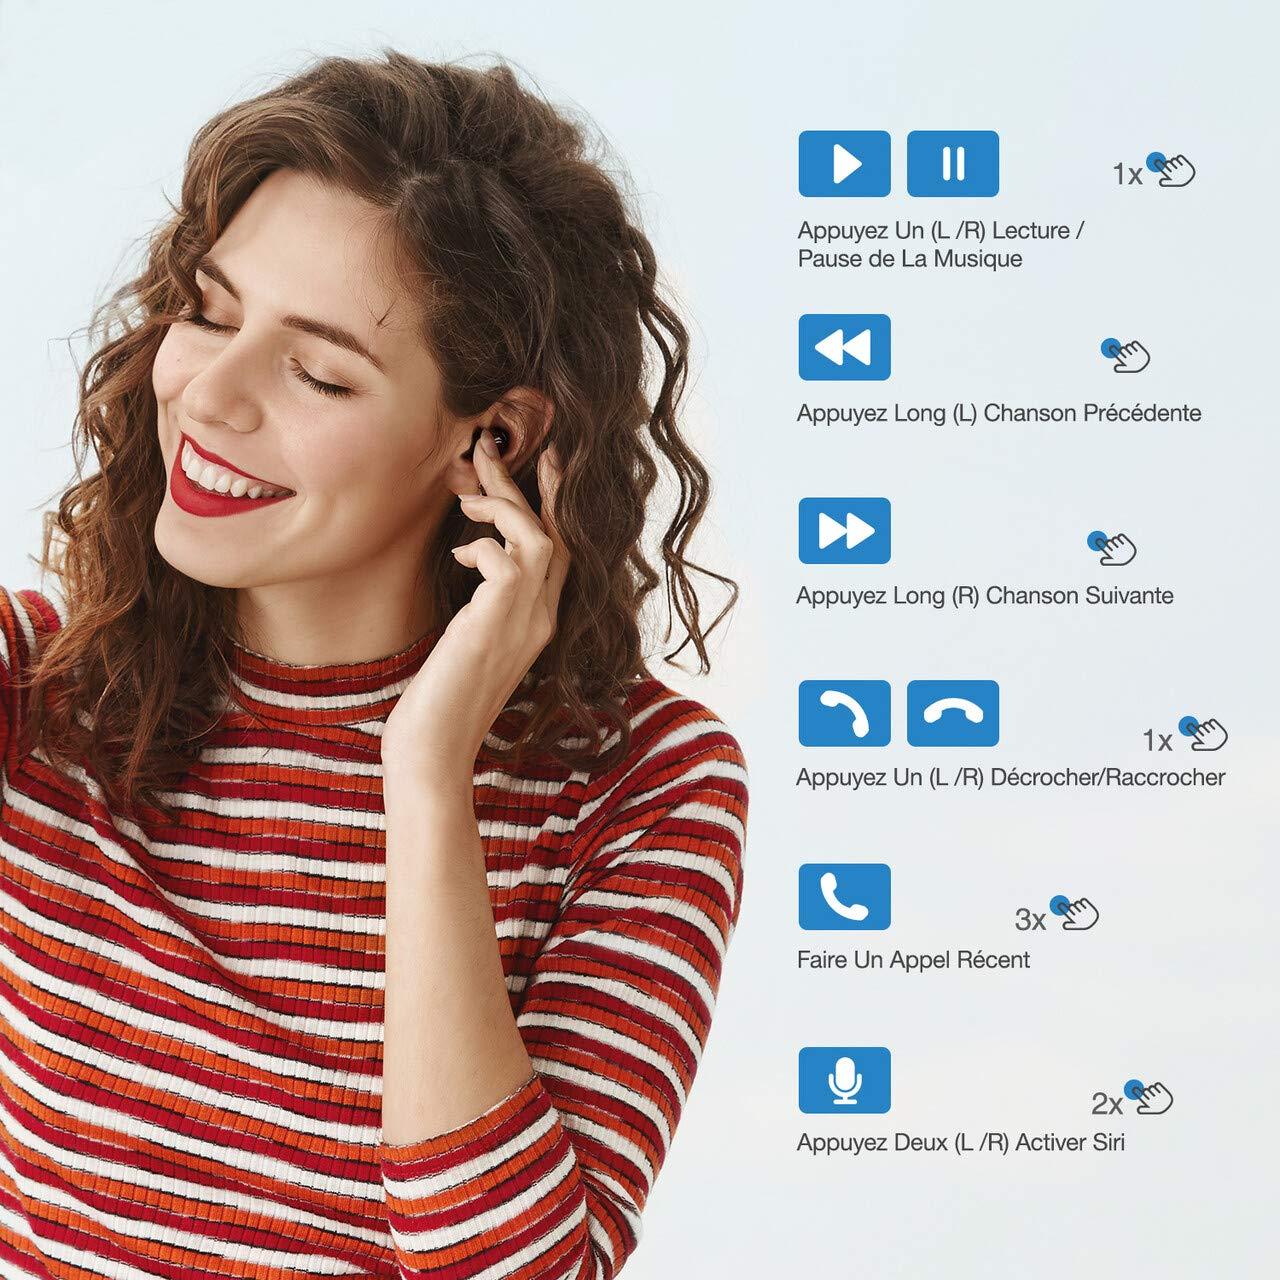 POWERADD Ecouteur Bluetooth v5.0 TWS - Son Stéréo 3D Etanche IPX5 avec Boîte de Charge et 3 Bouchons d\'oreilles Casque Rechargable sans Fil pour Sport